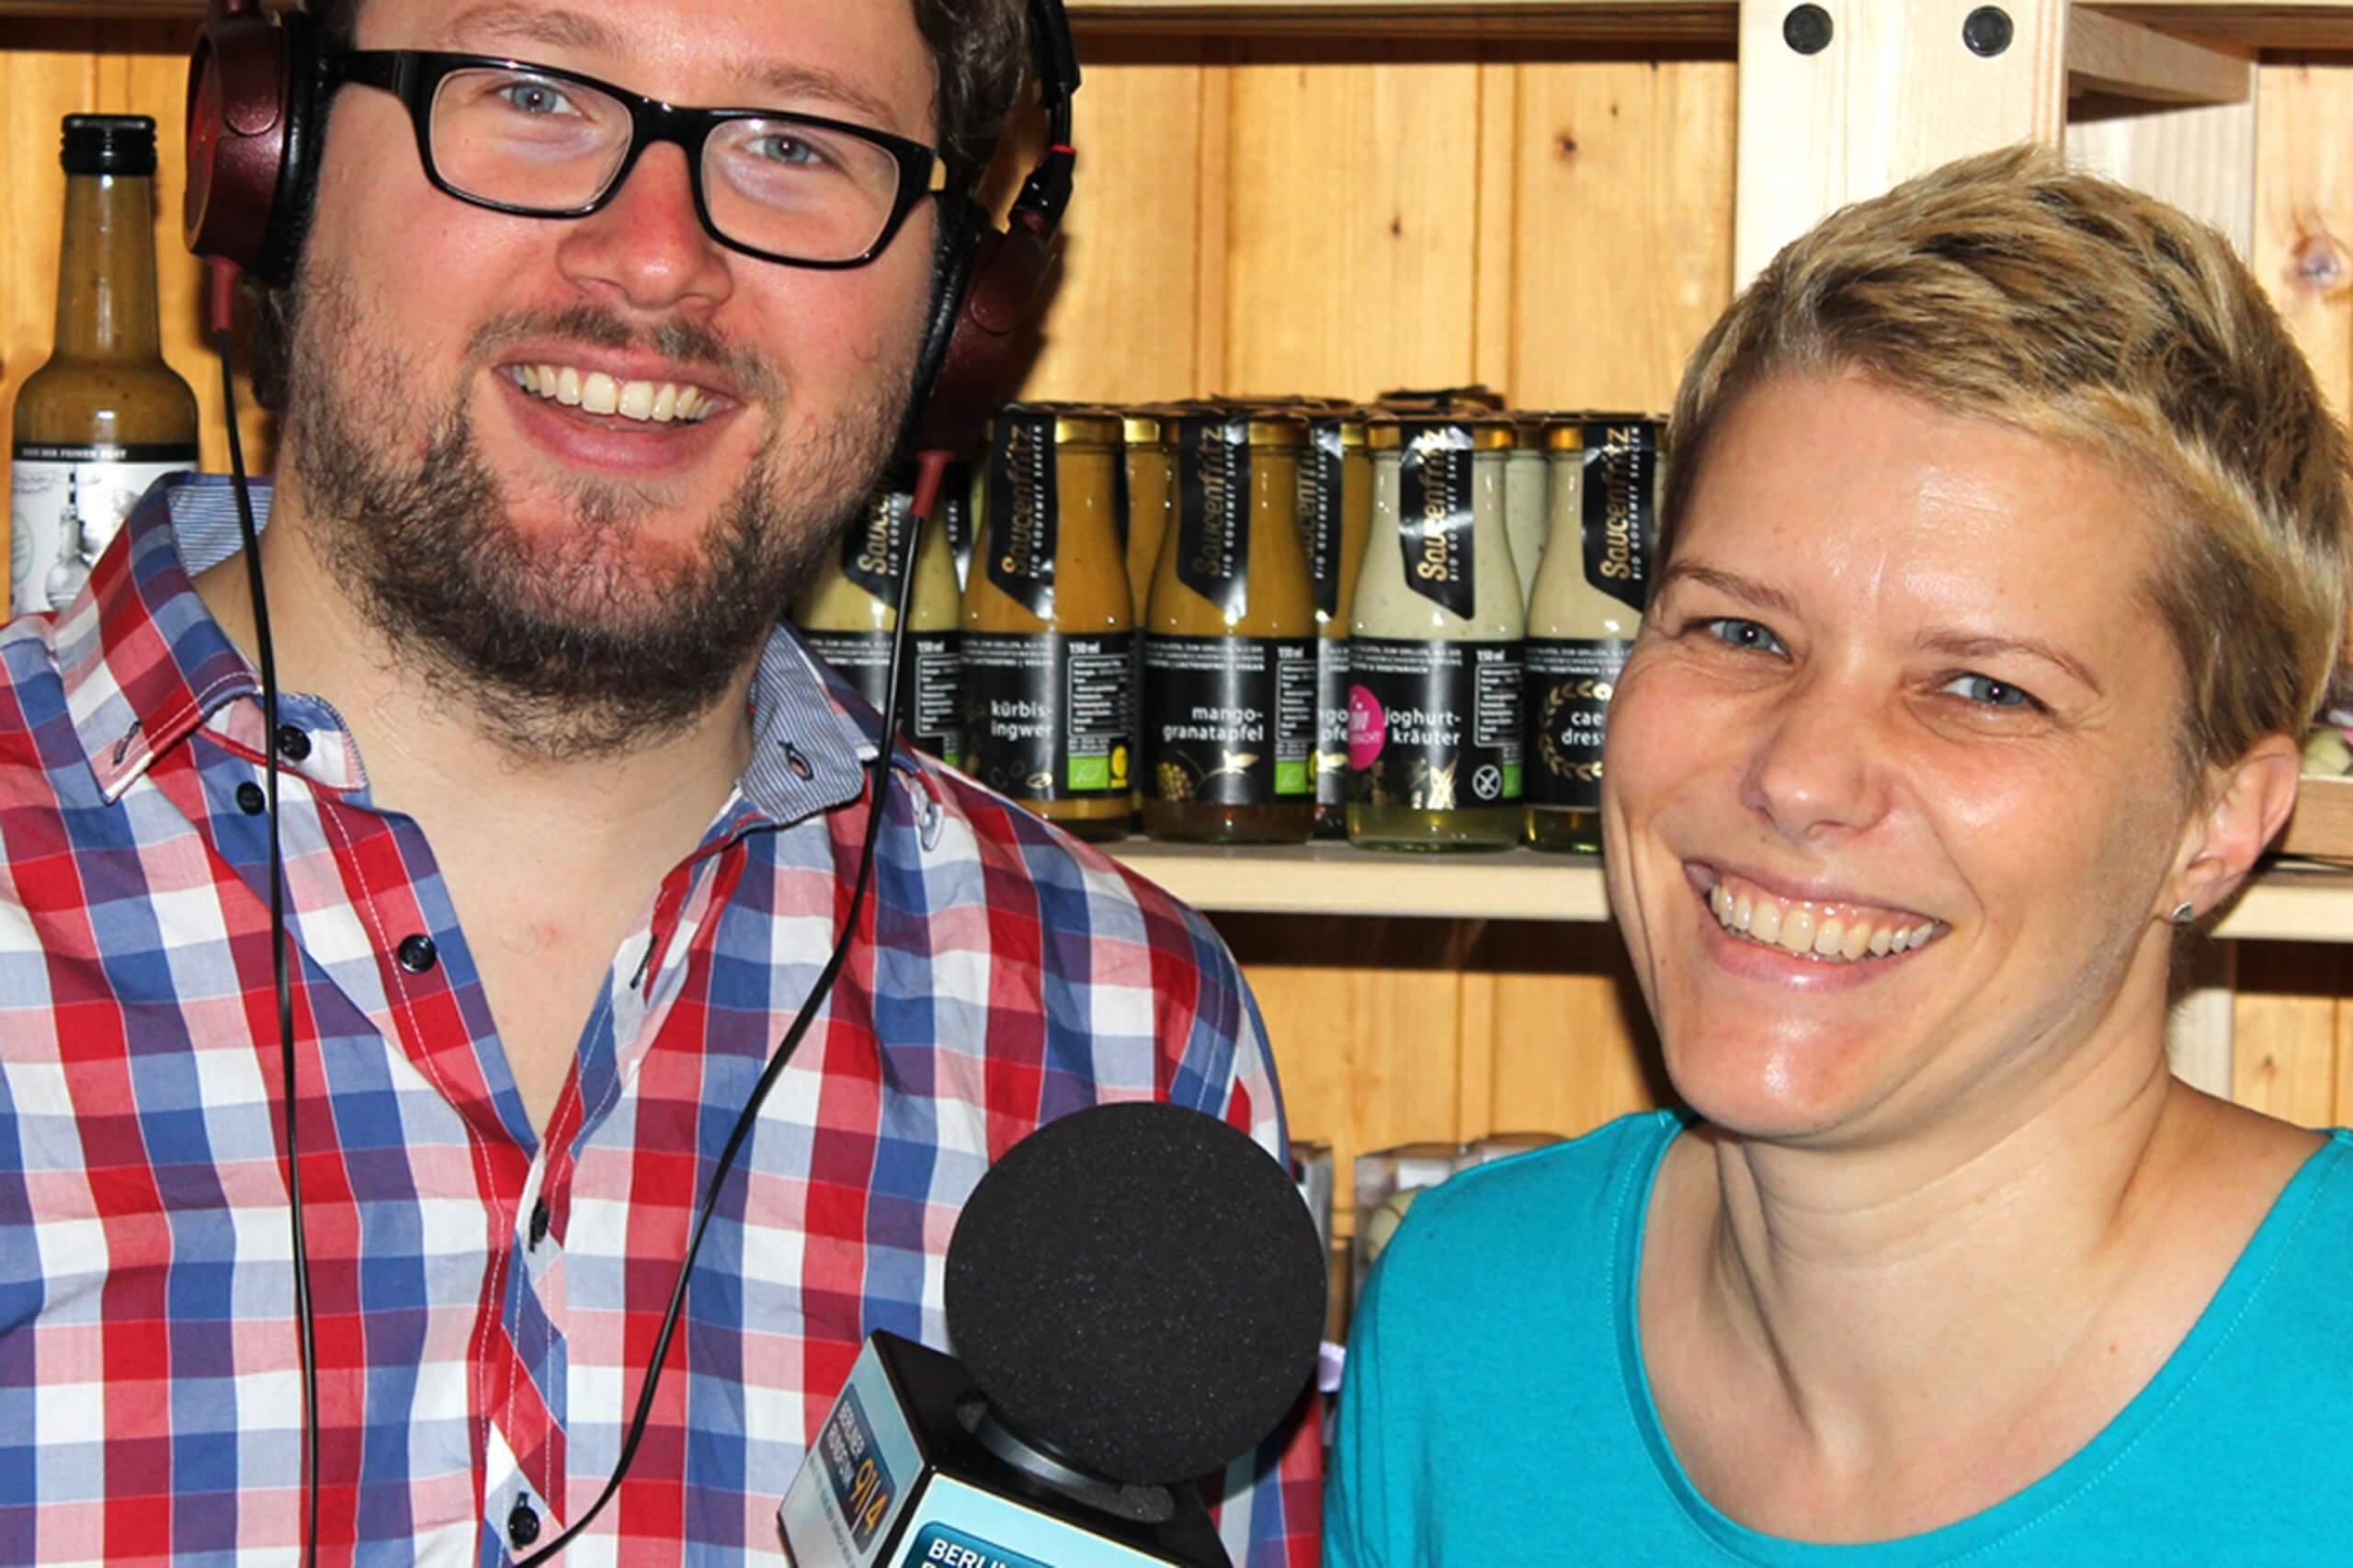 Radiointerview Berliner Rundfunk mit feinjemacht